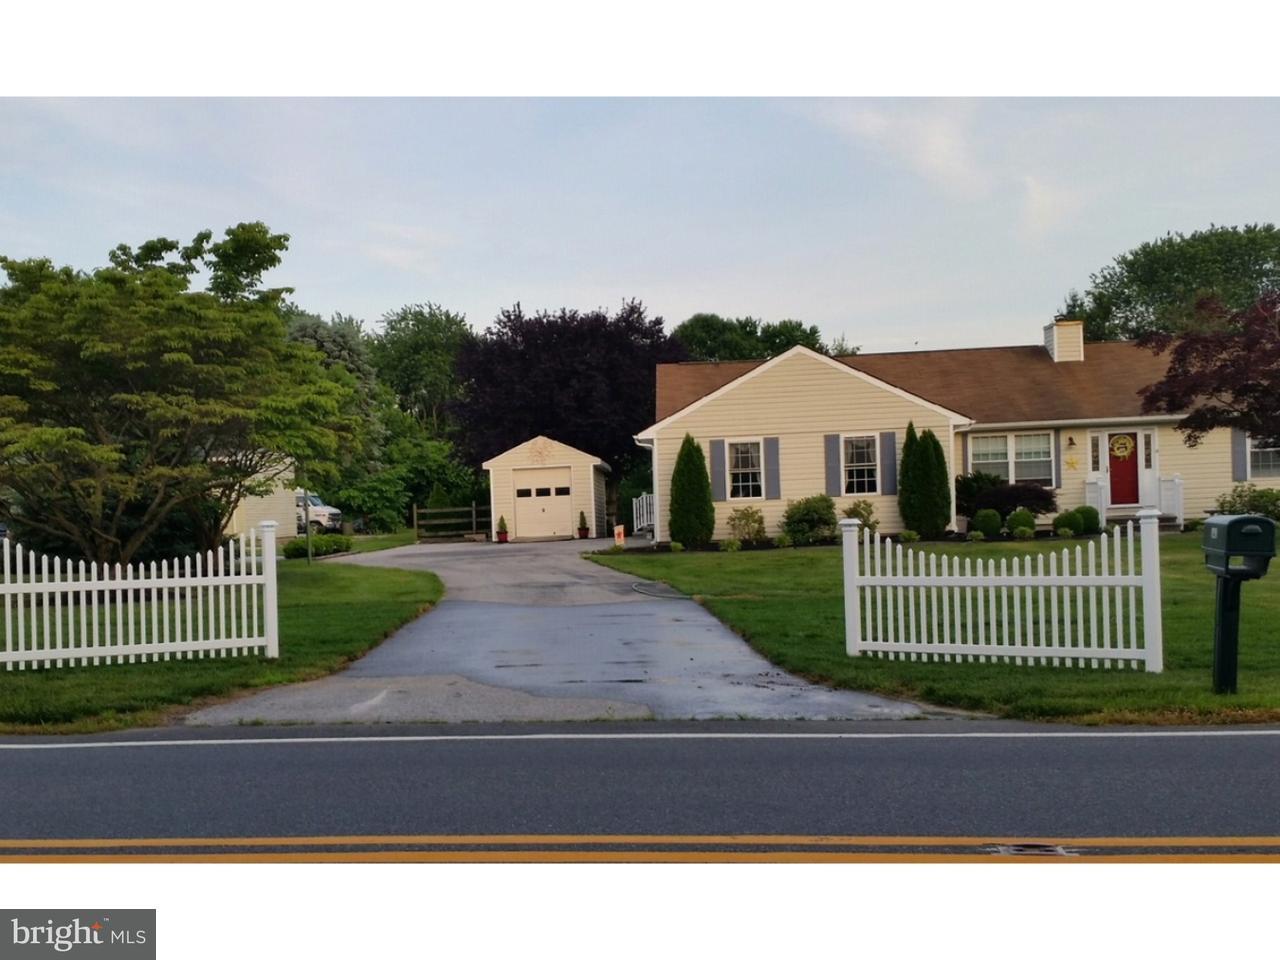 Частный односемейный дом для того Продажа на 140 THOMAS LANDING Road Townsend, Делавэр 19709 Соединенные Штаты